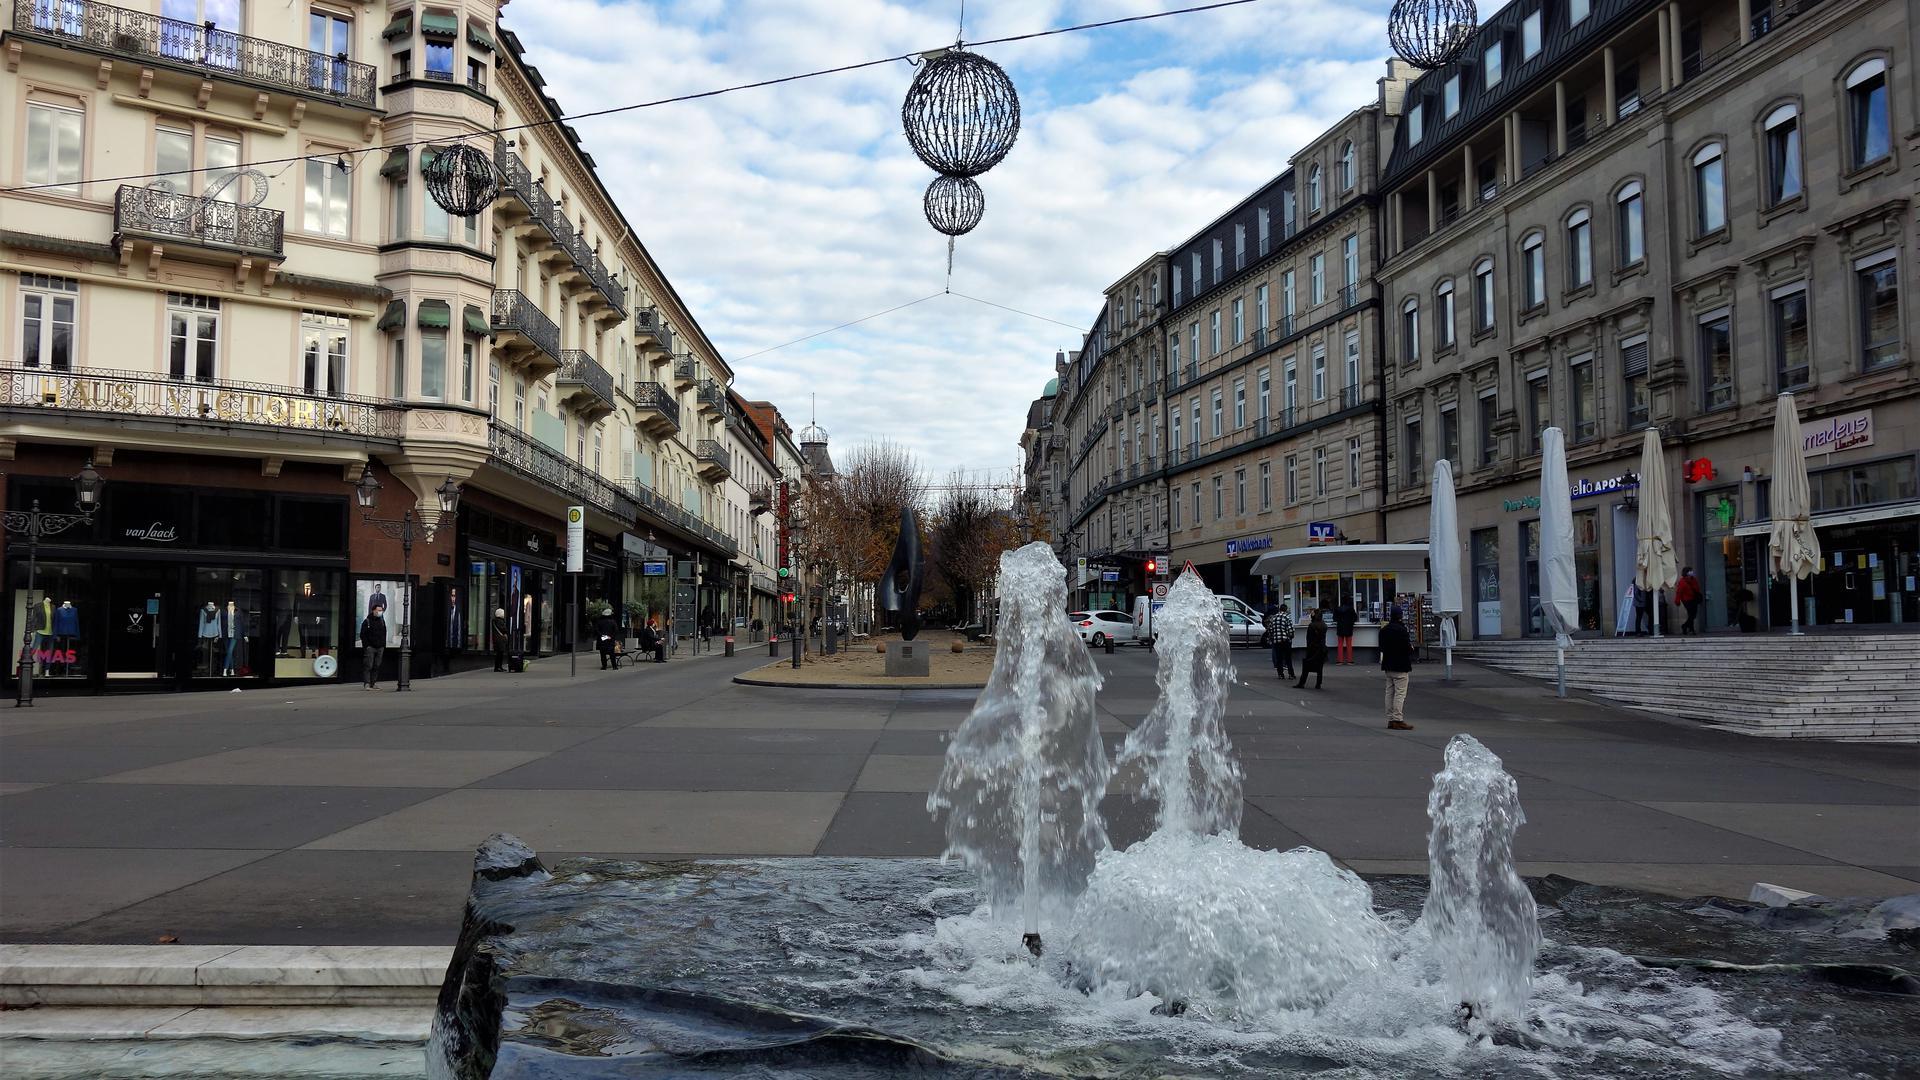 Der Leopoldsplatz Baden-Baden ist im Corona-Lockdown fast menschenleer.